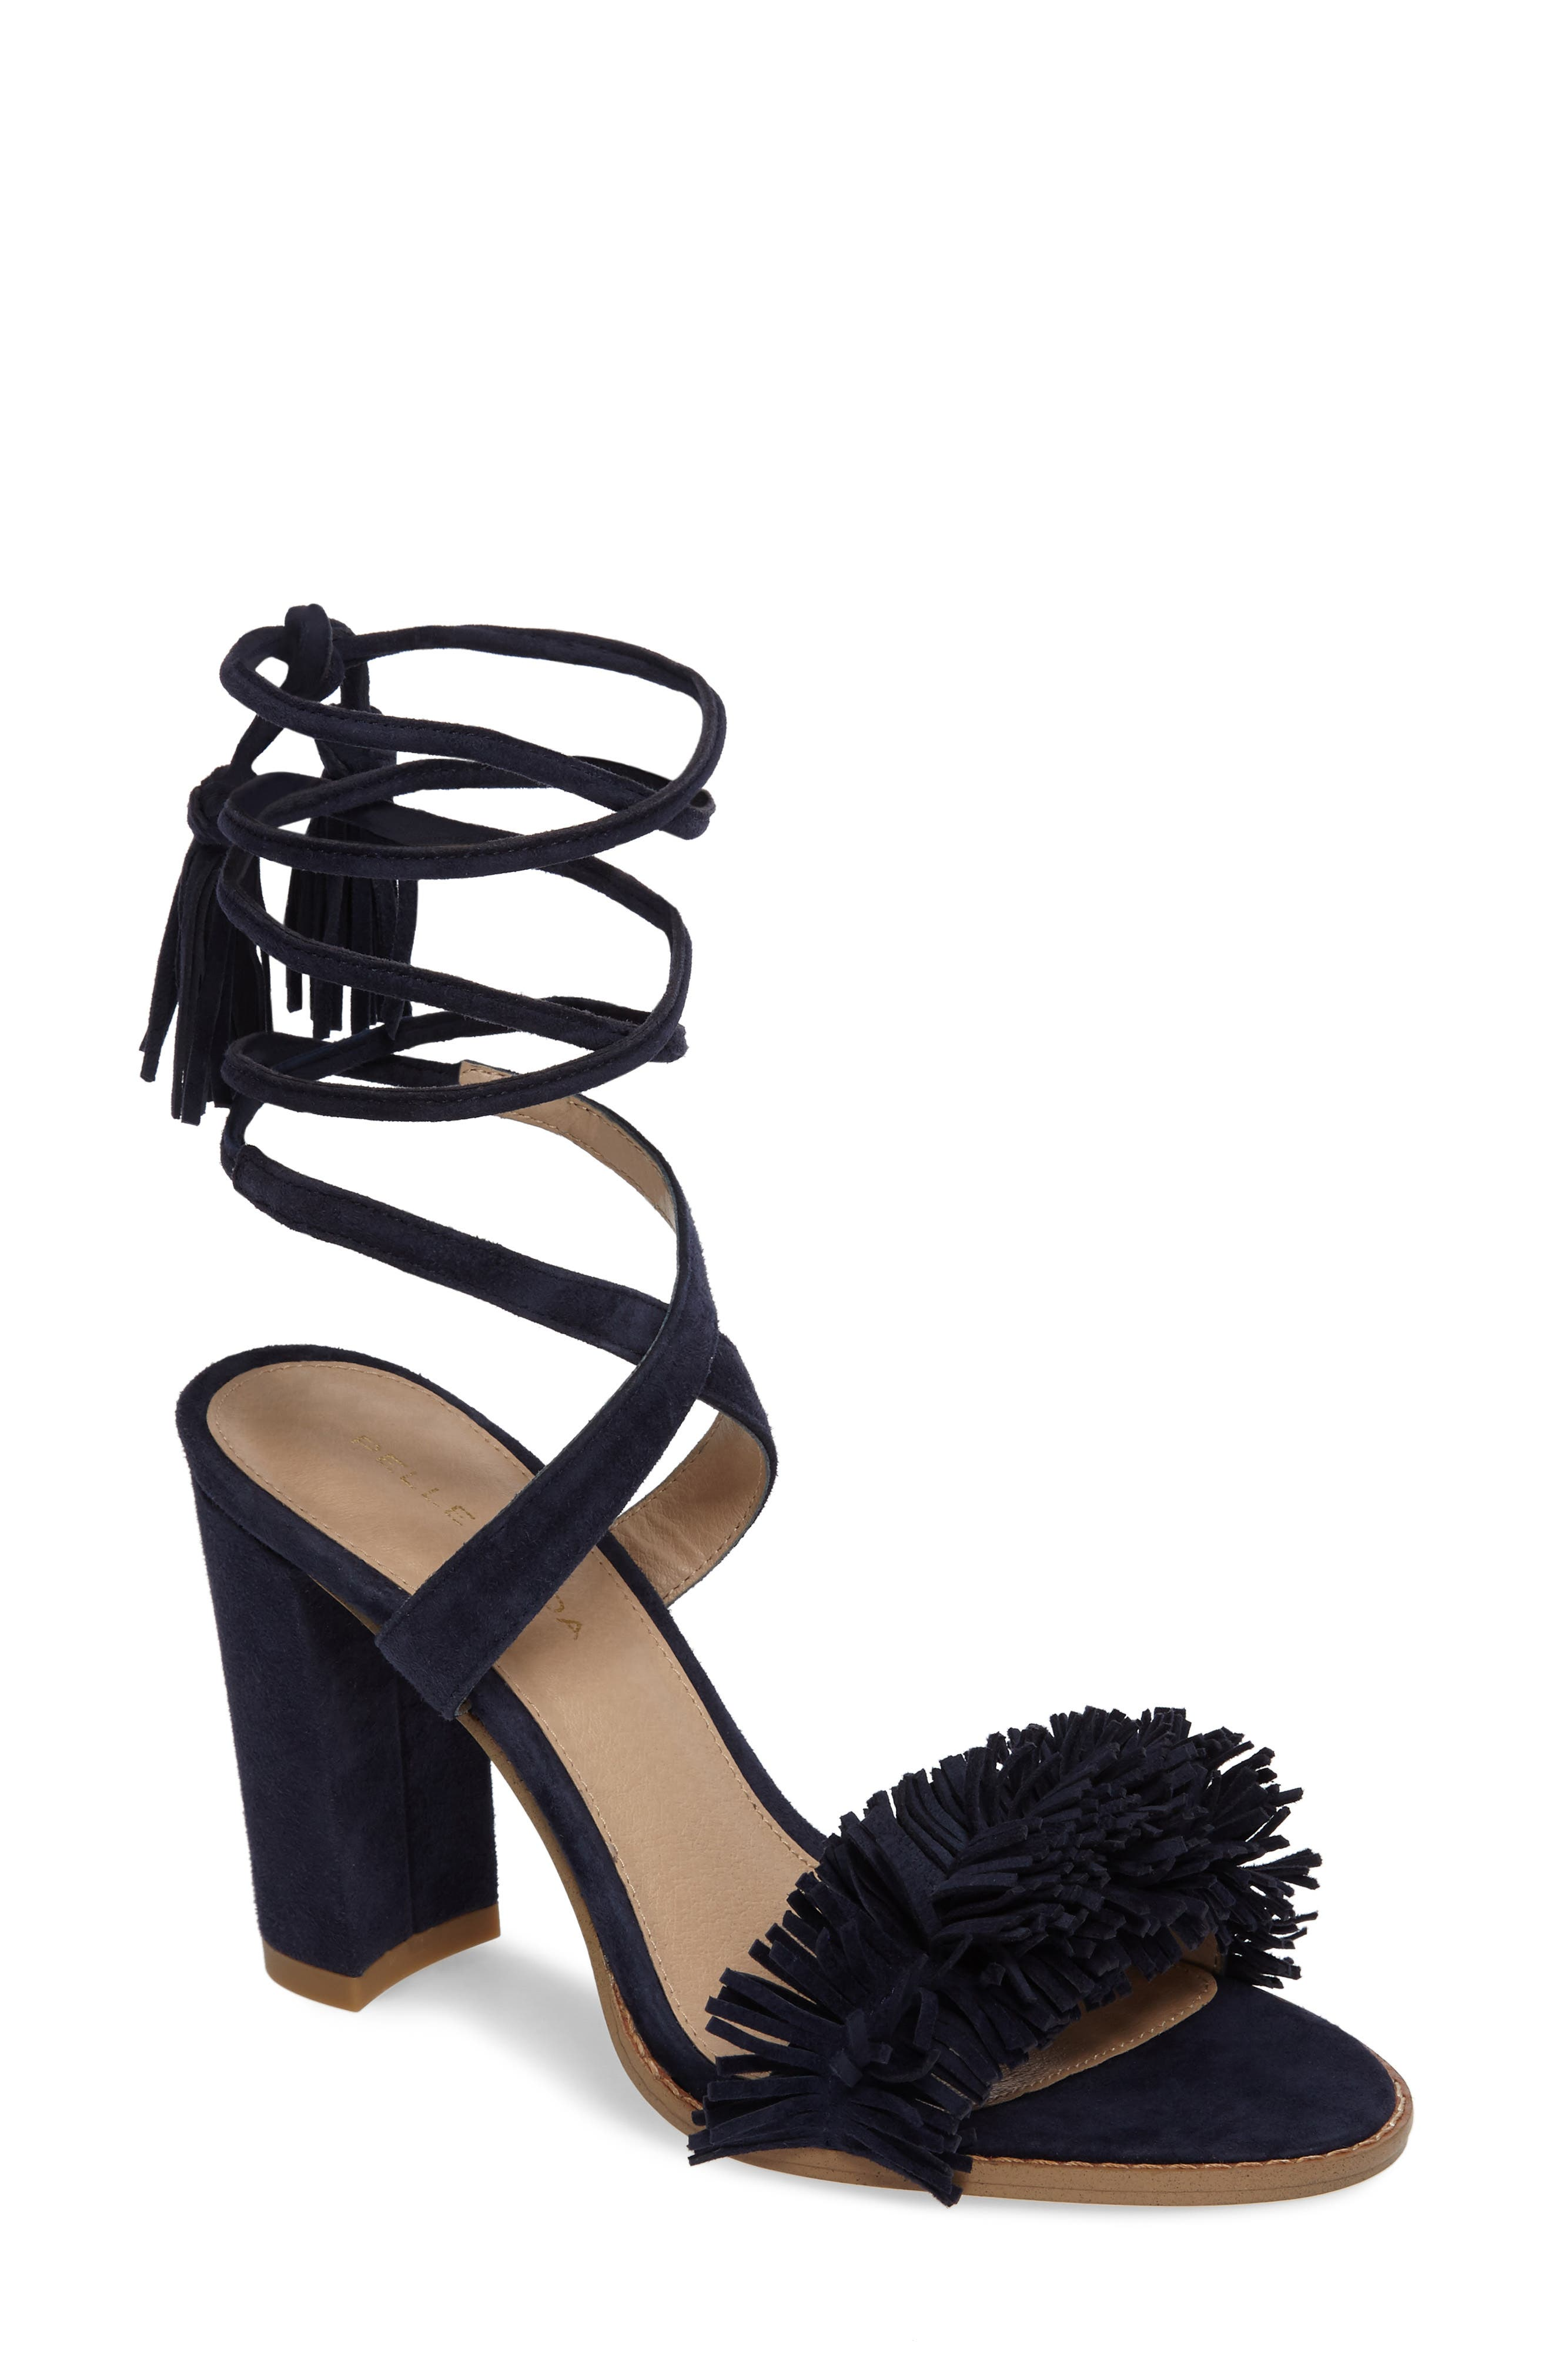 Alternate Image 1 Selected - Pelle Moda Faye Sandal (Women)